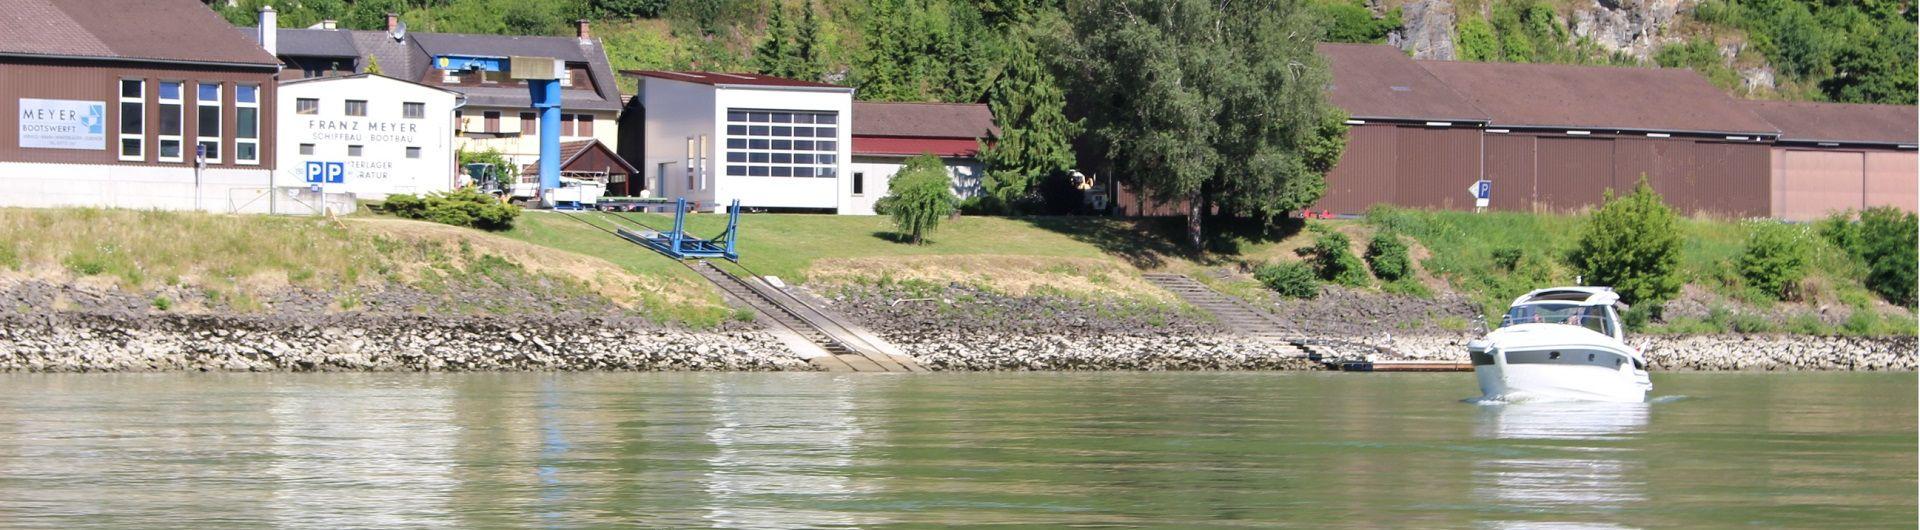 Reinigung und Bootsaufbereitung Betrieb Donauansicht Header